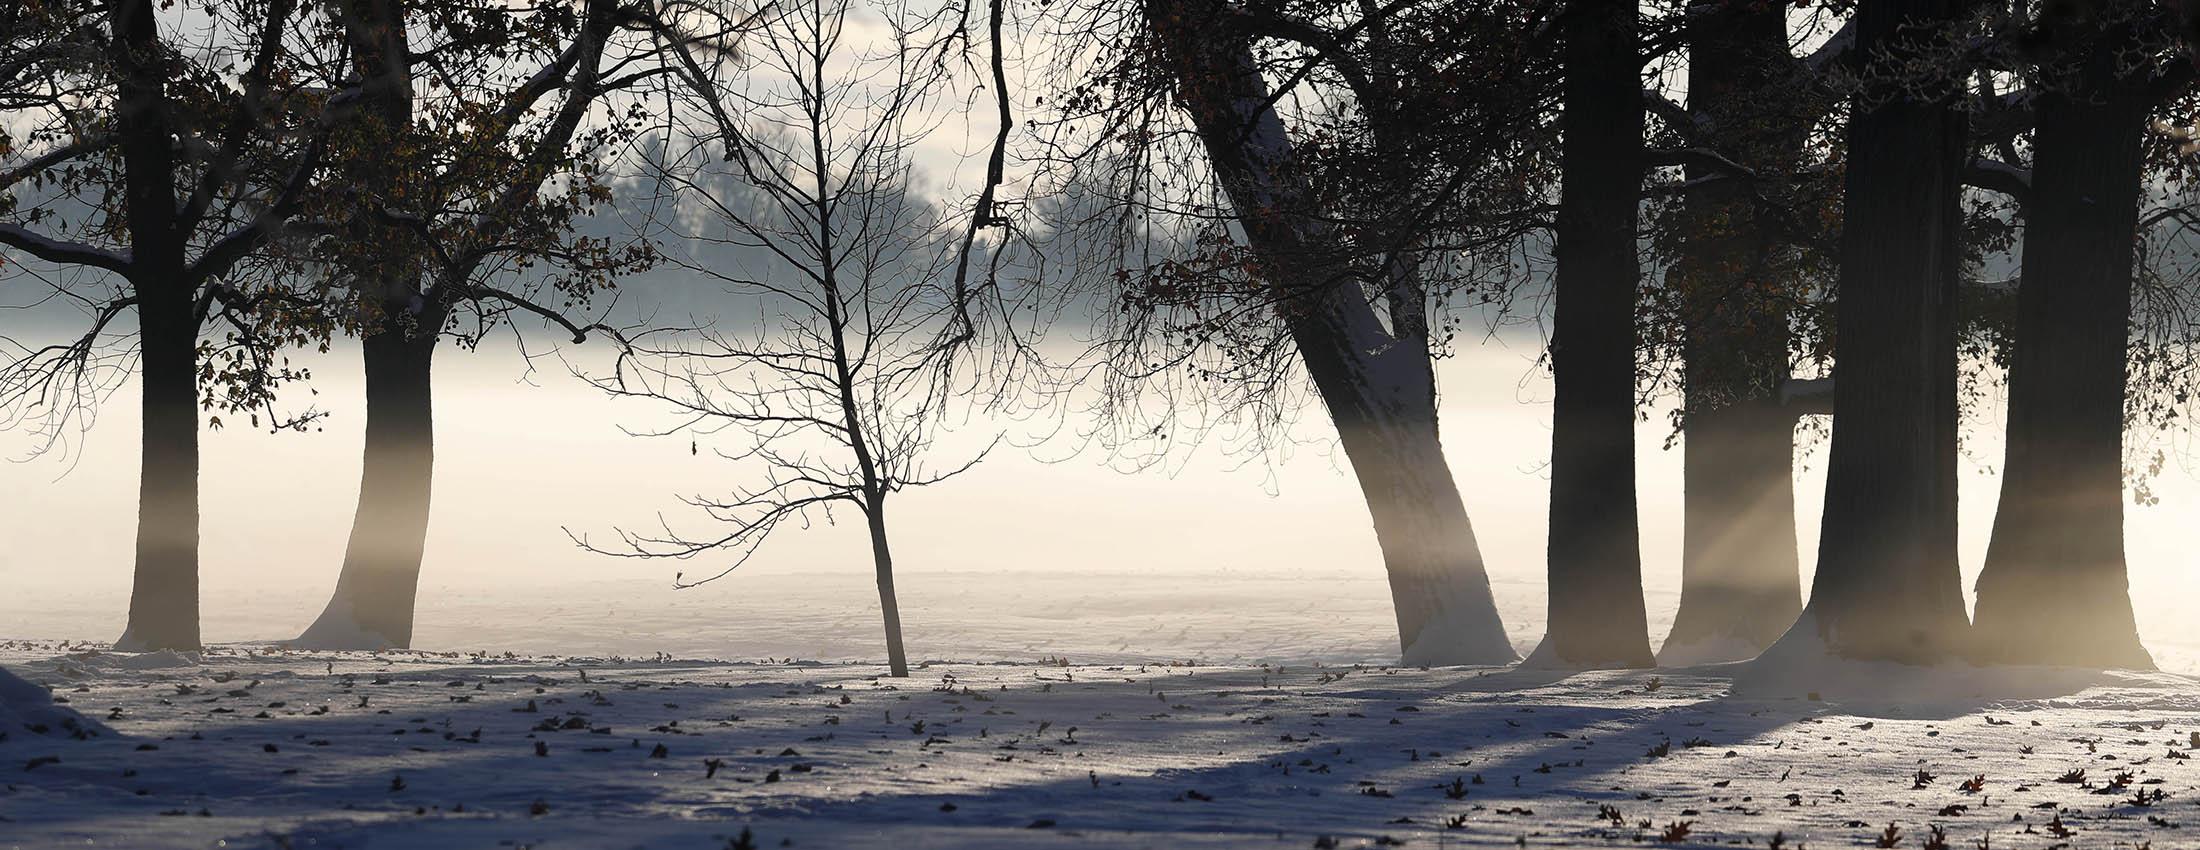 Sun shines through a morning fog at Delaware Park on Nov. 13. (Sharon Cantillon/Buffalo News)